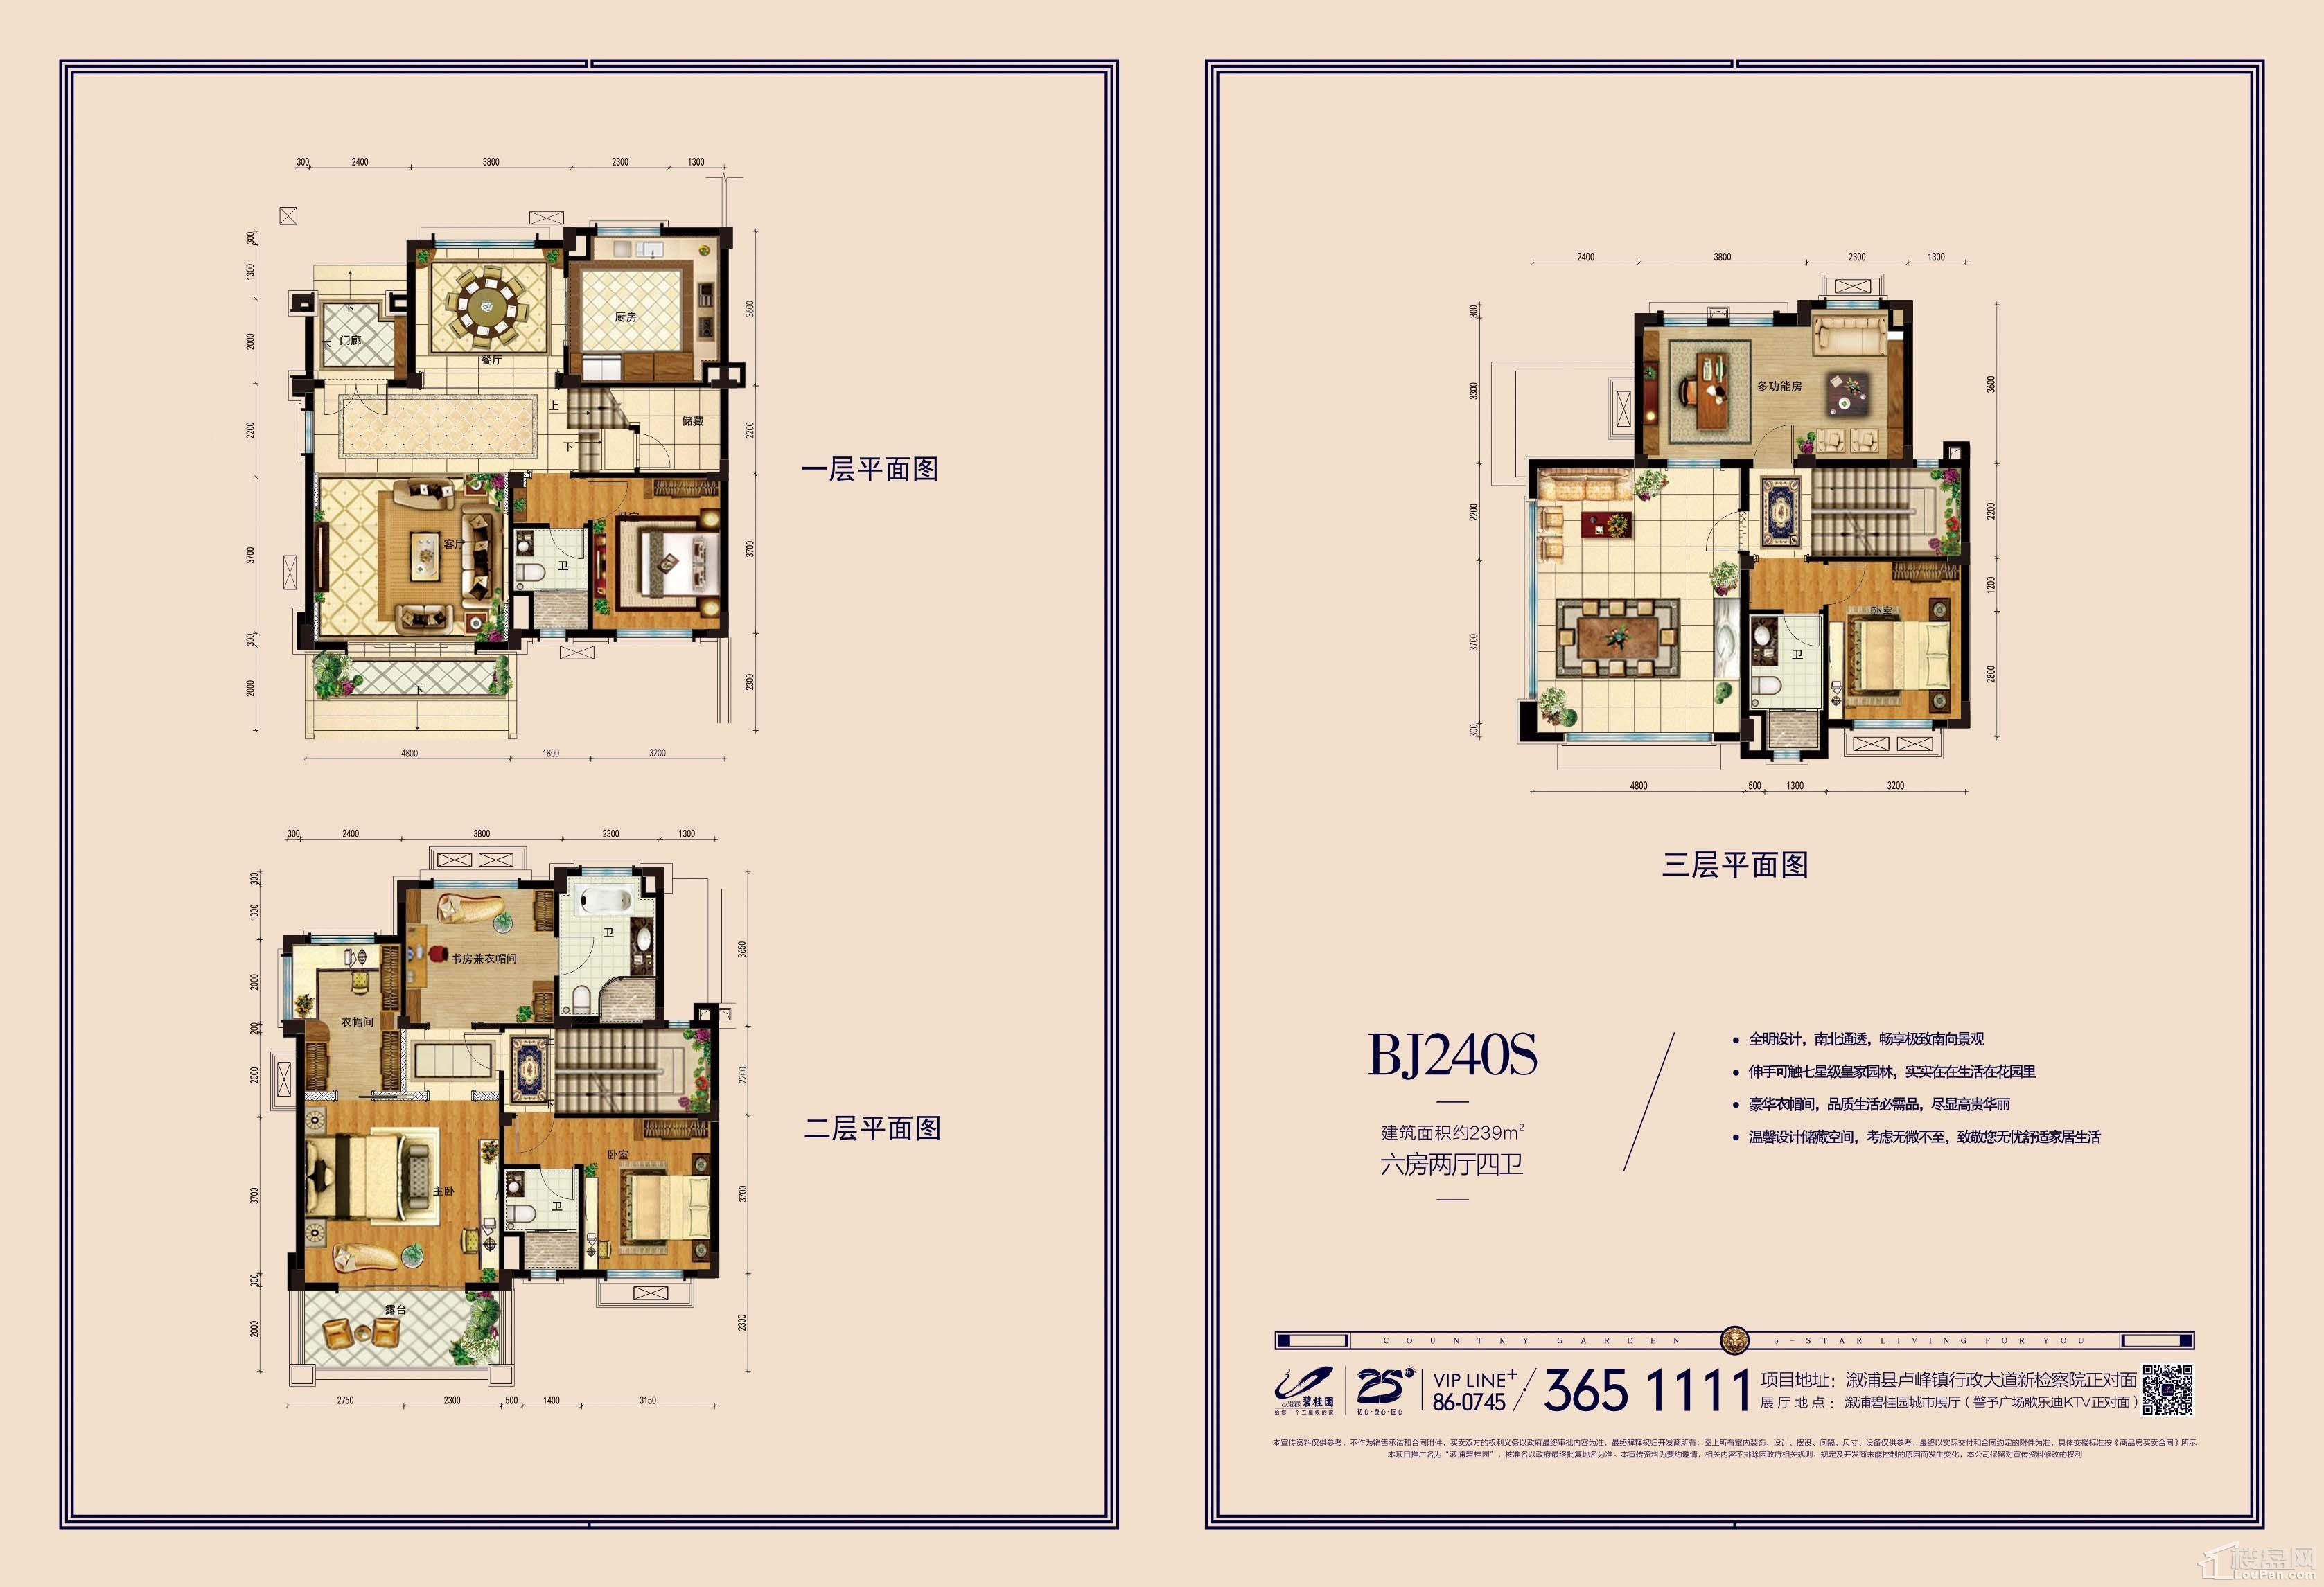 溆浦碧桂园别墅BJ240高清户型图